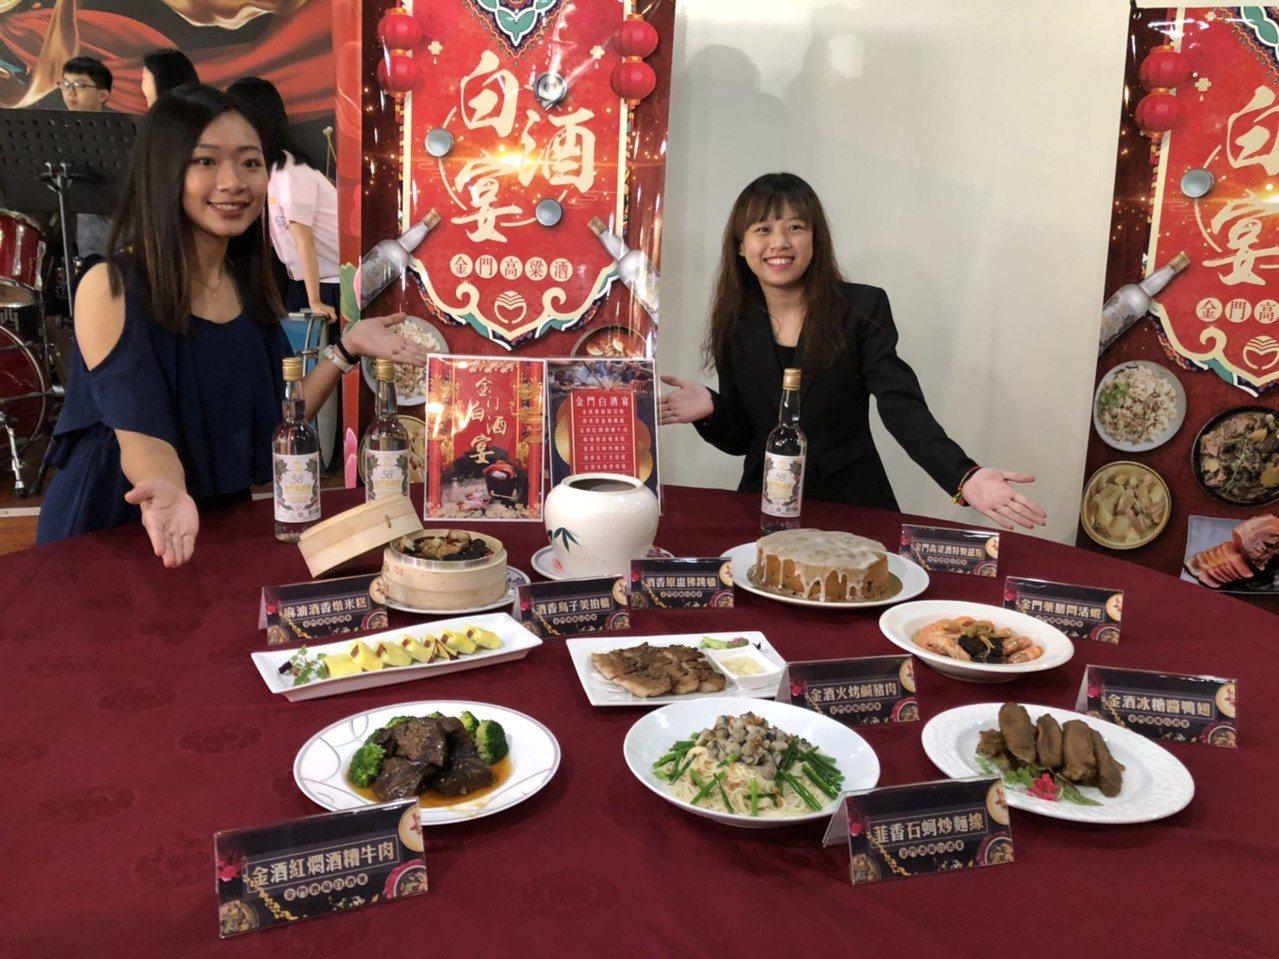 金酒白酒宴,是將白酒與在地美食交織出味蕾上的豐富美味食材的配搭,每道都是美味佳餚...